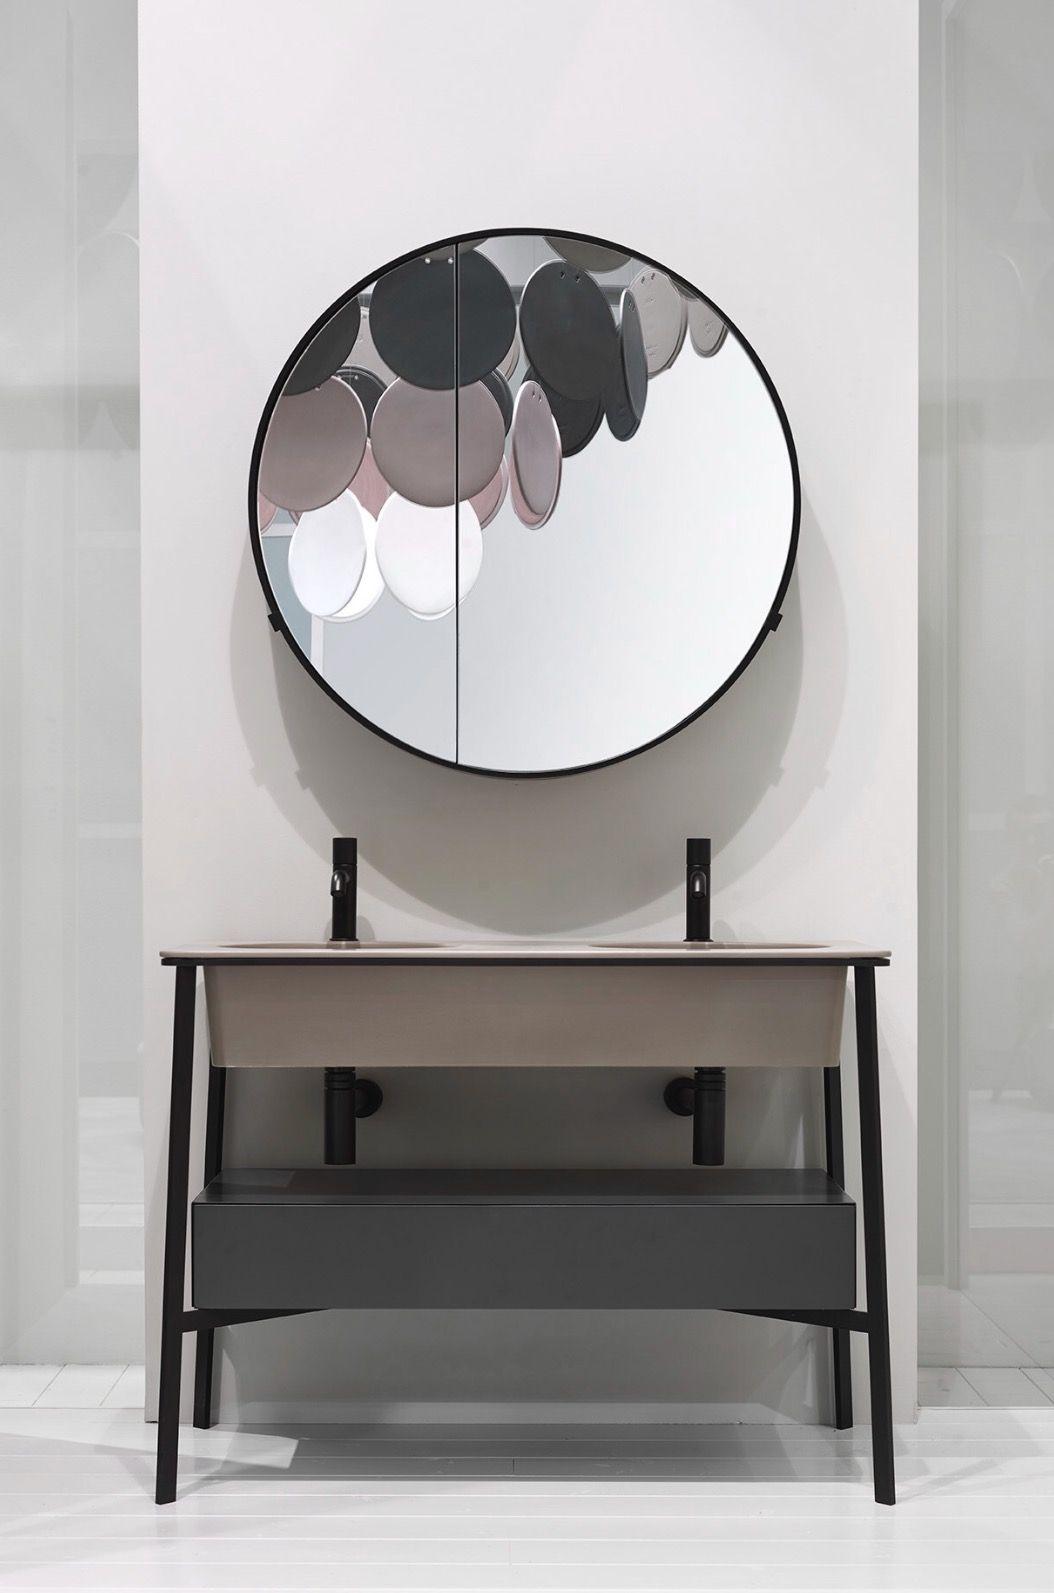 catino doppio con cassetto by ceramica cielo design andrea parisio e giuseppe pezzano bathroom